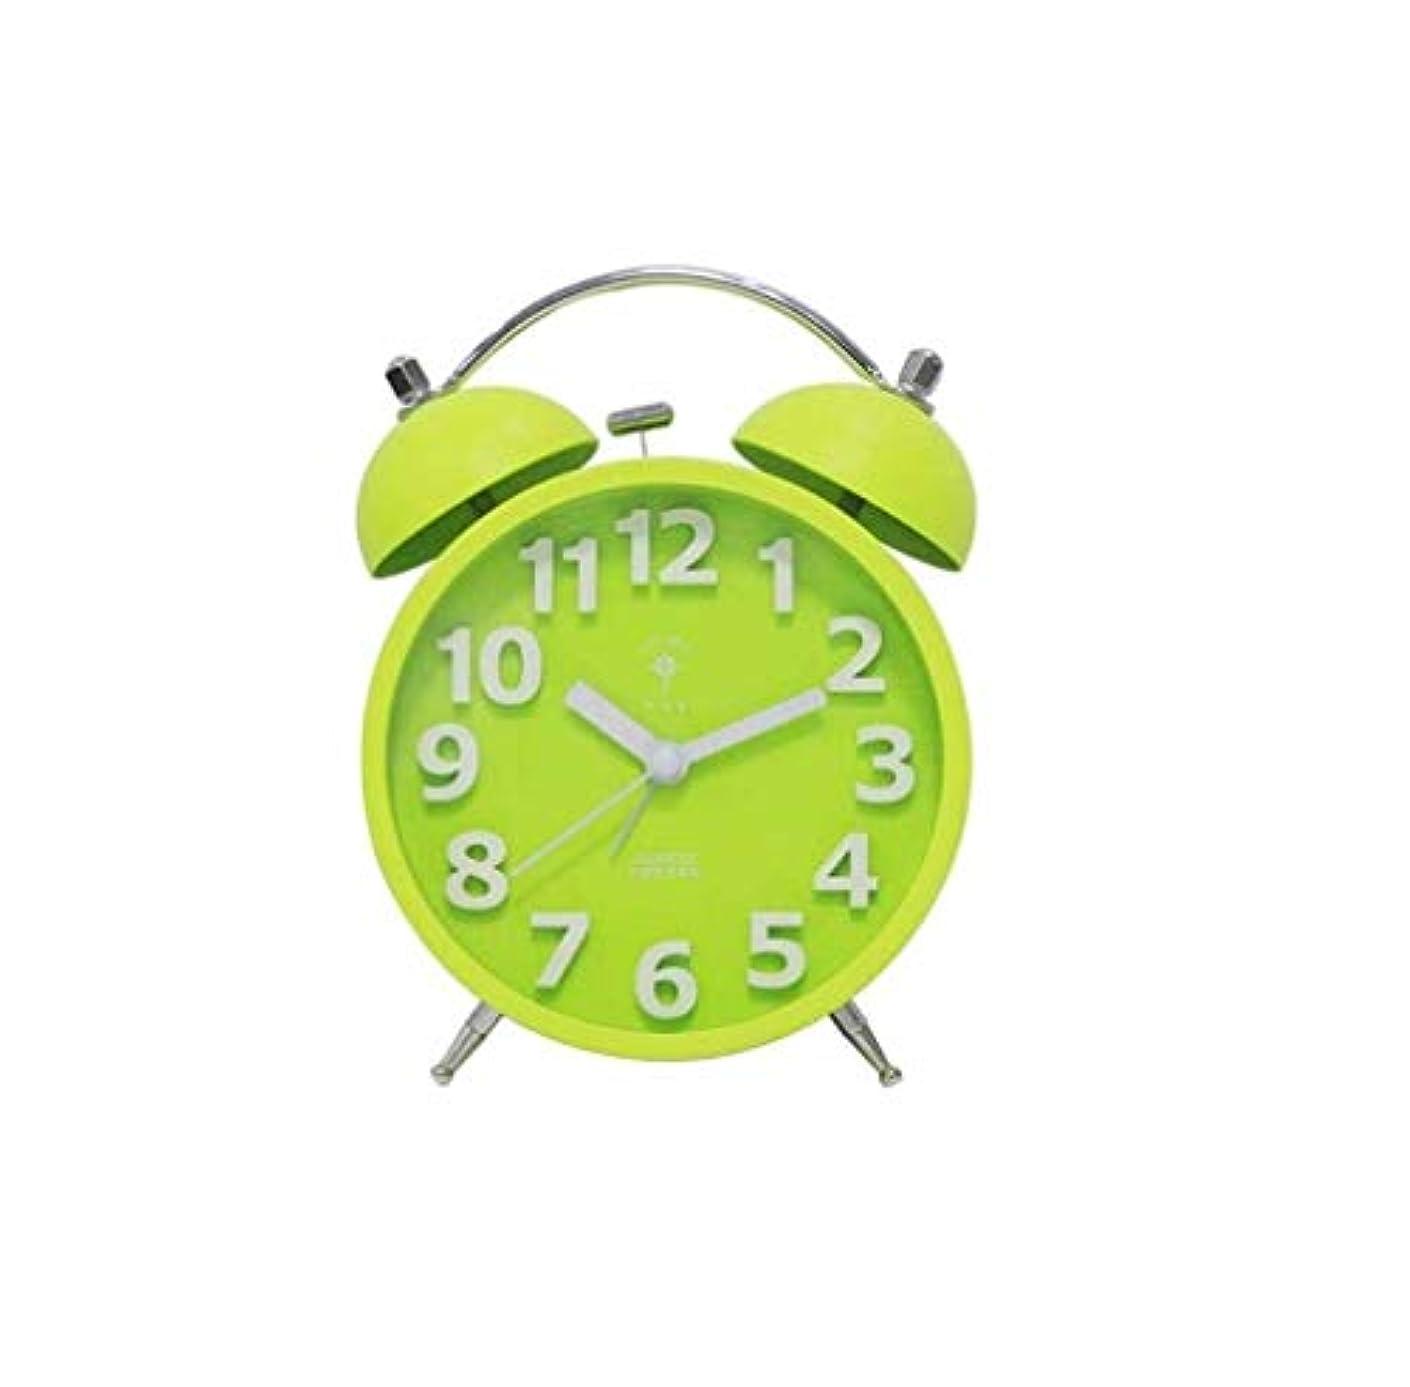 心配する無関心秘密のQiyuezhuangshi001 目覚まし時計、目覚まし時計学生ミュートかわいい電子時計、ベッドサイド電子目覚まし時計、創造ノッキング目覚まし時計、サブグリーン、 材料の安全性 (Color : Green)